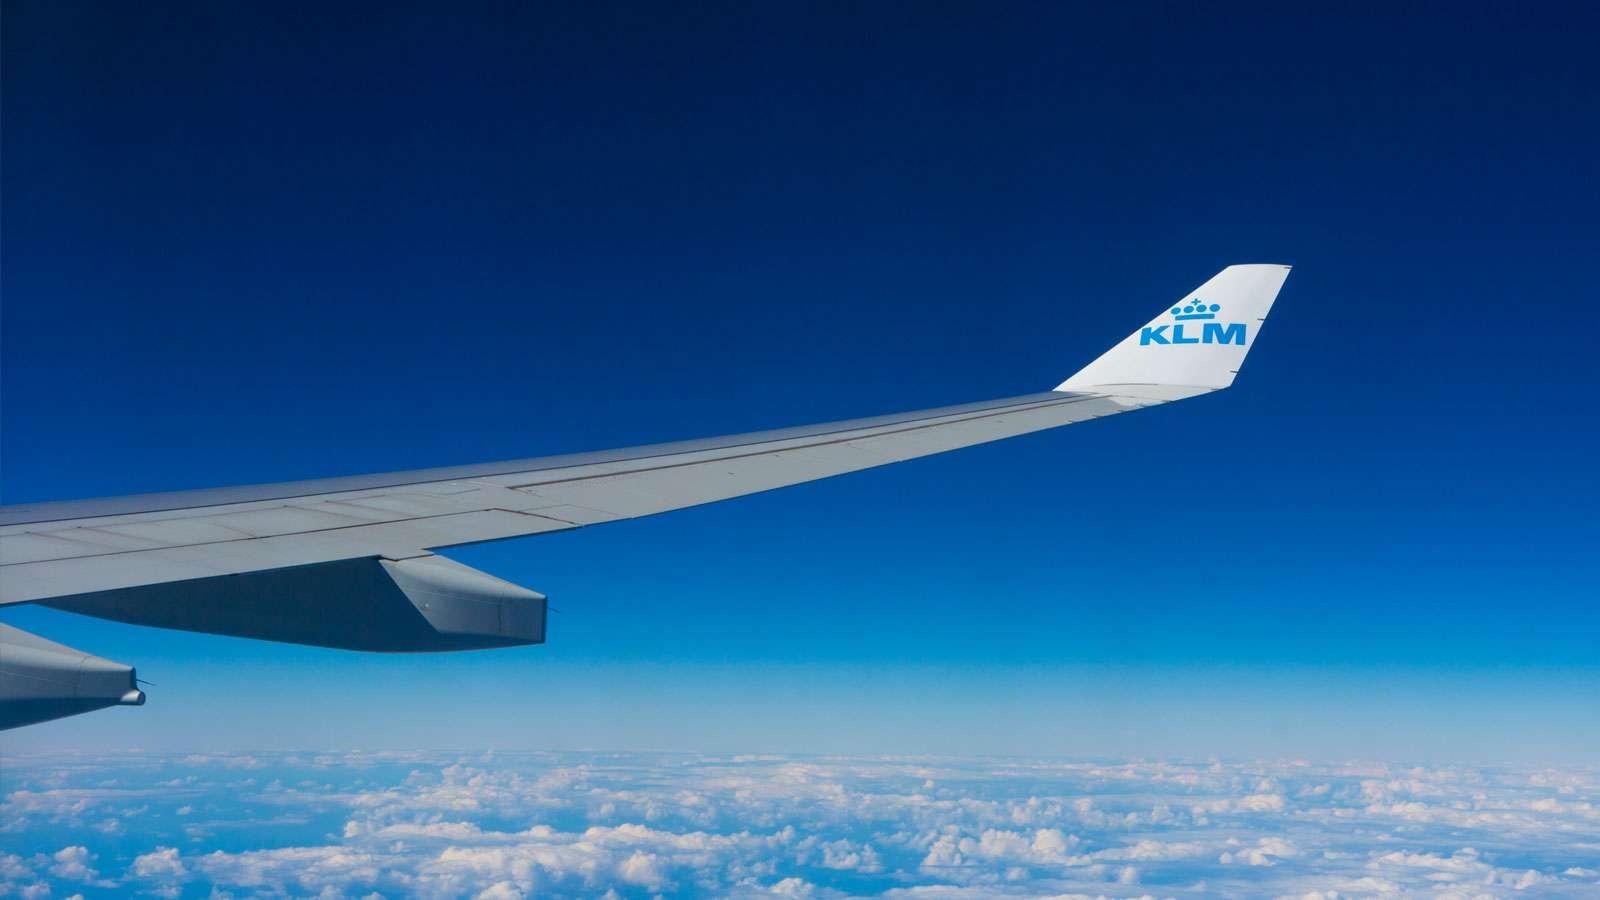 Meerderheid vindt minimumprijs op vliegticket goed idee